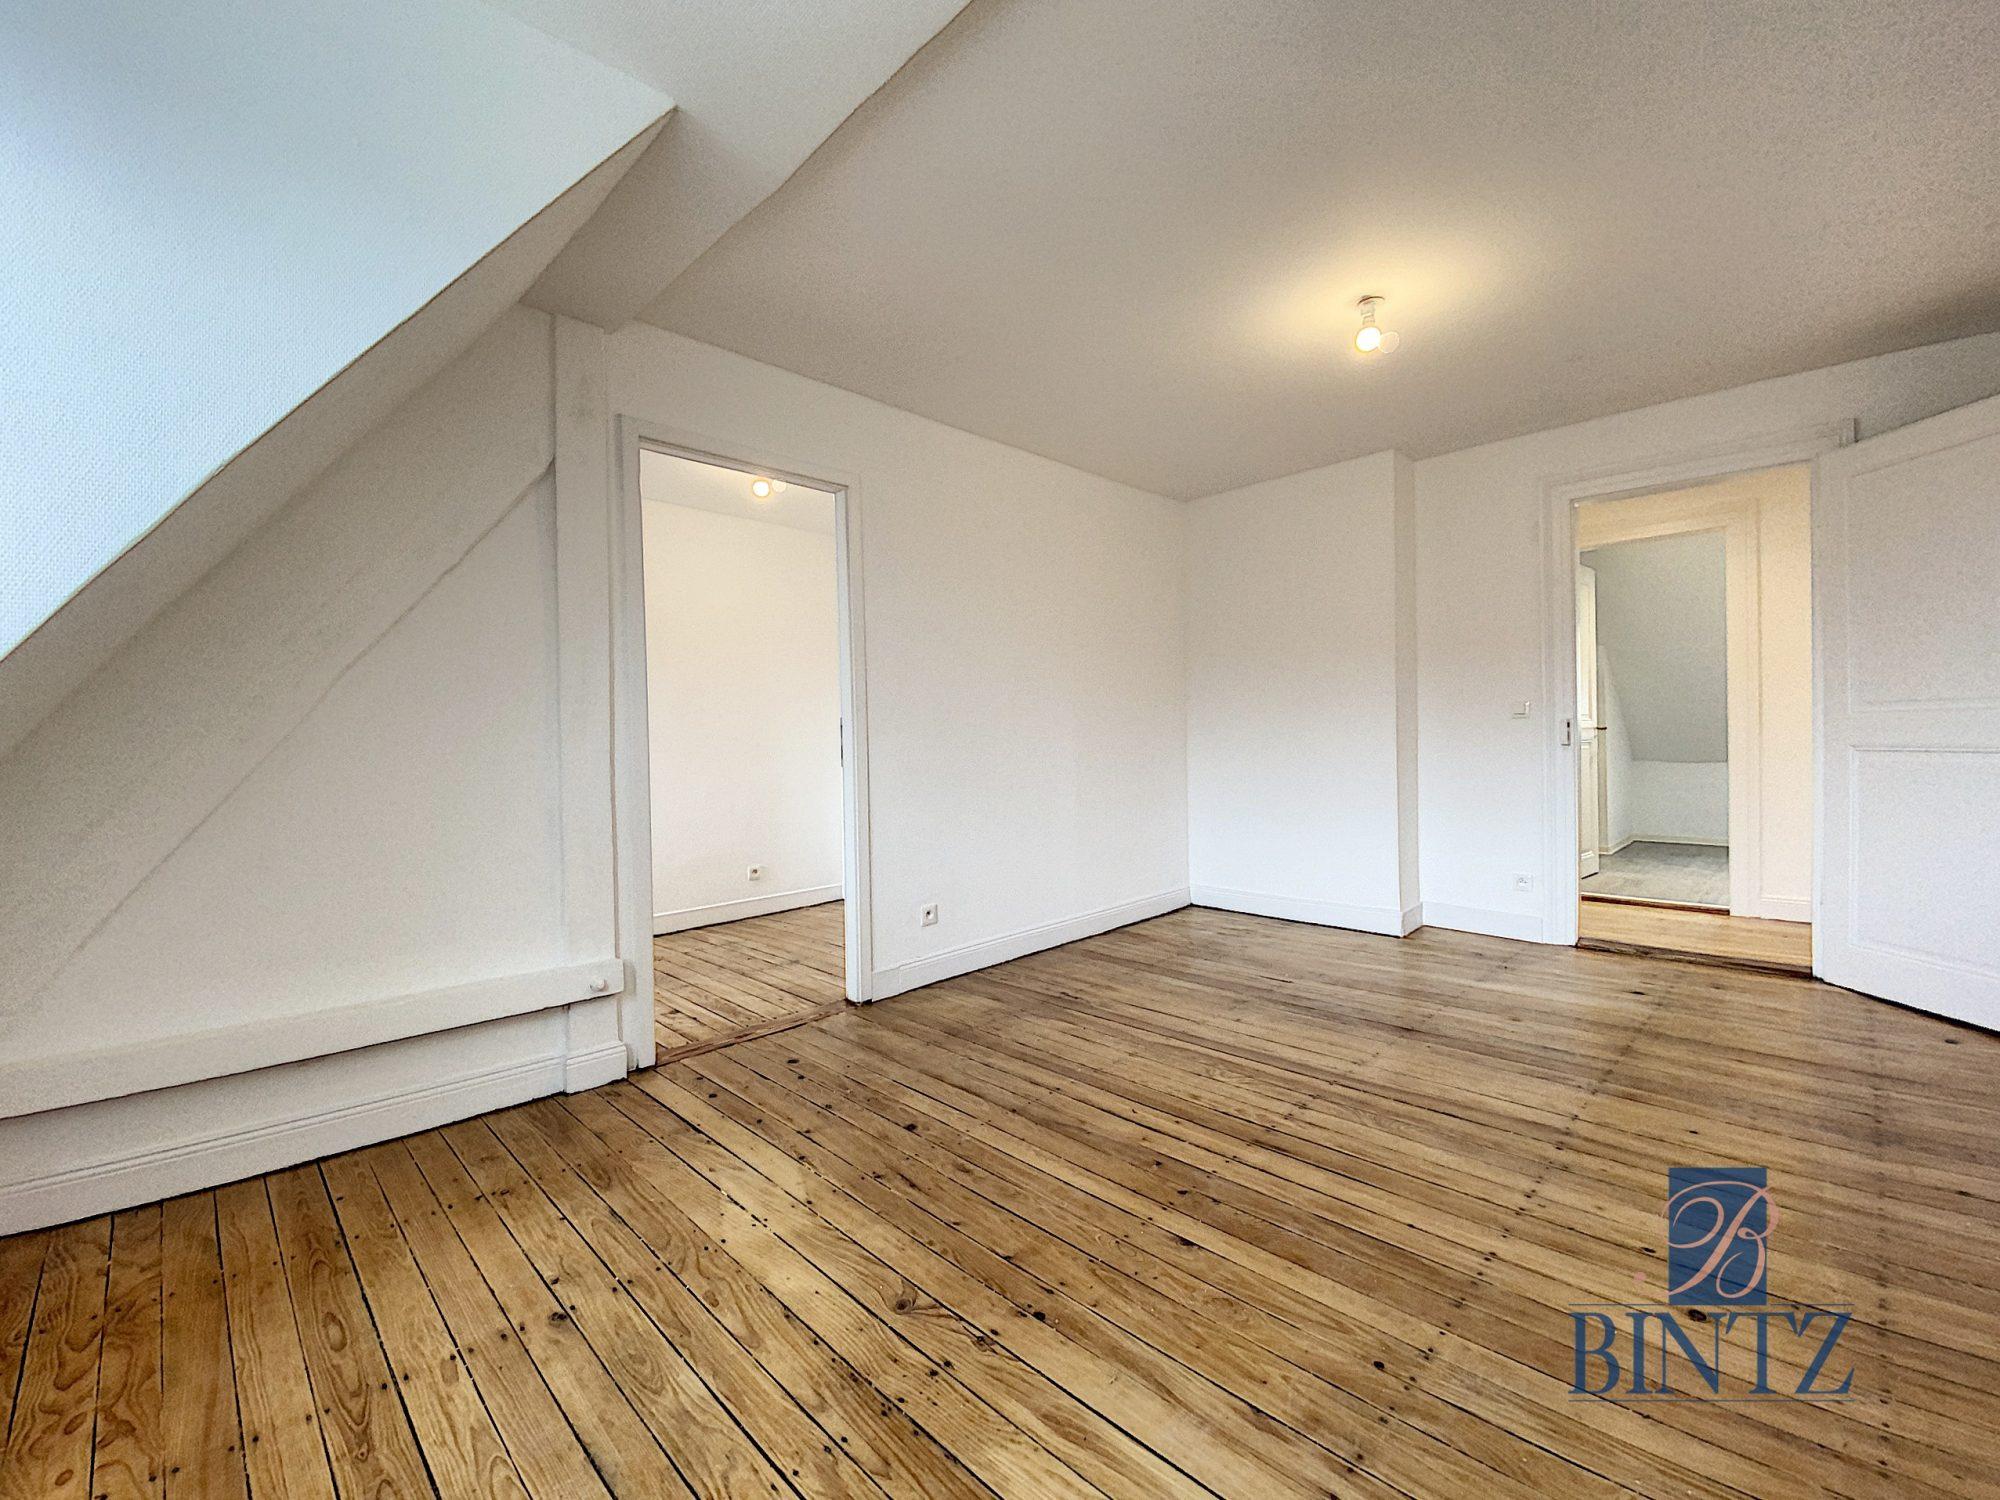 T3 BD LEBLOIS 5EME - Devenez locataire en toute sérénité - Bintz Immobilier - 9